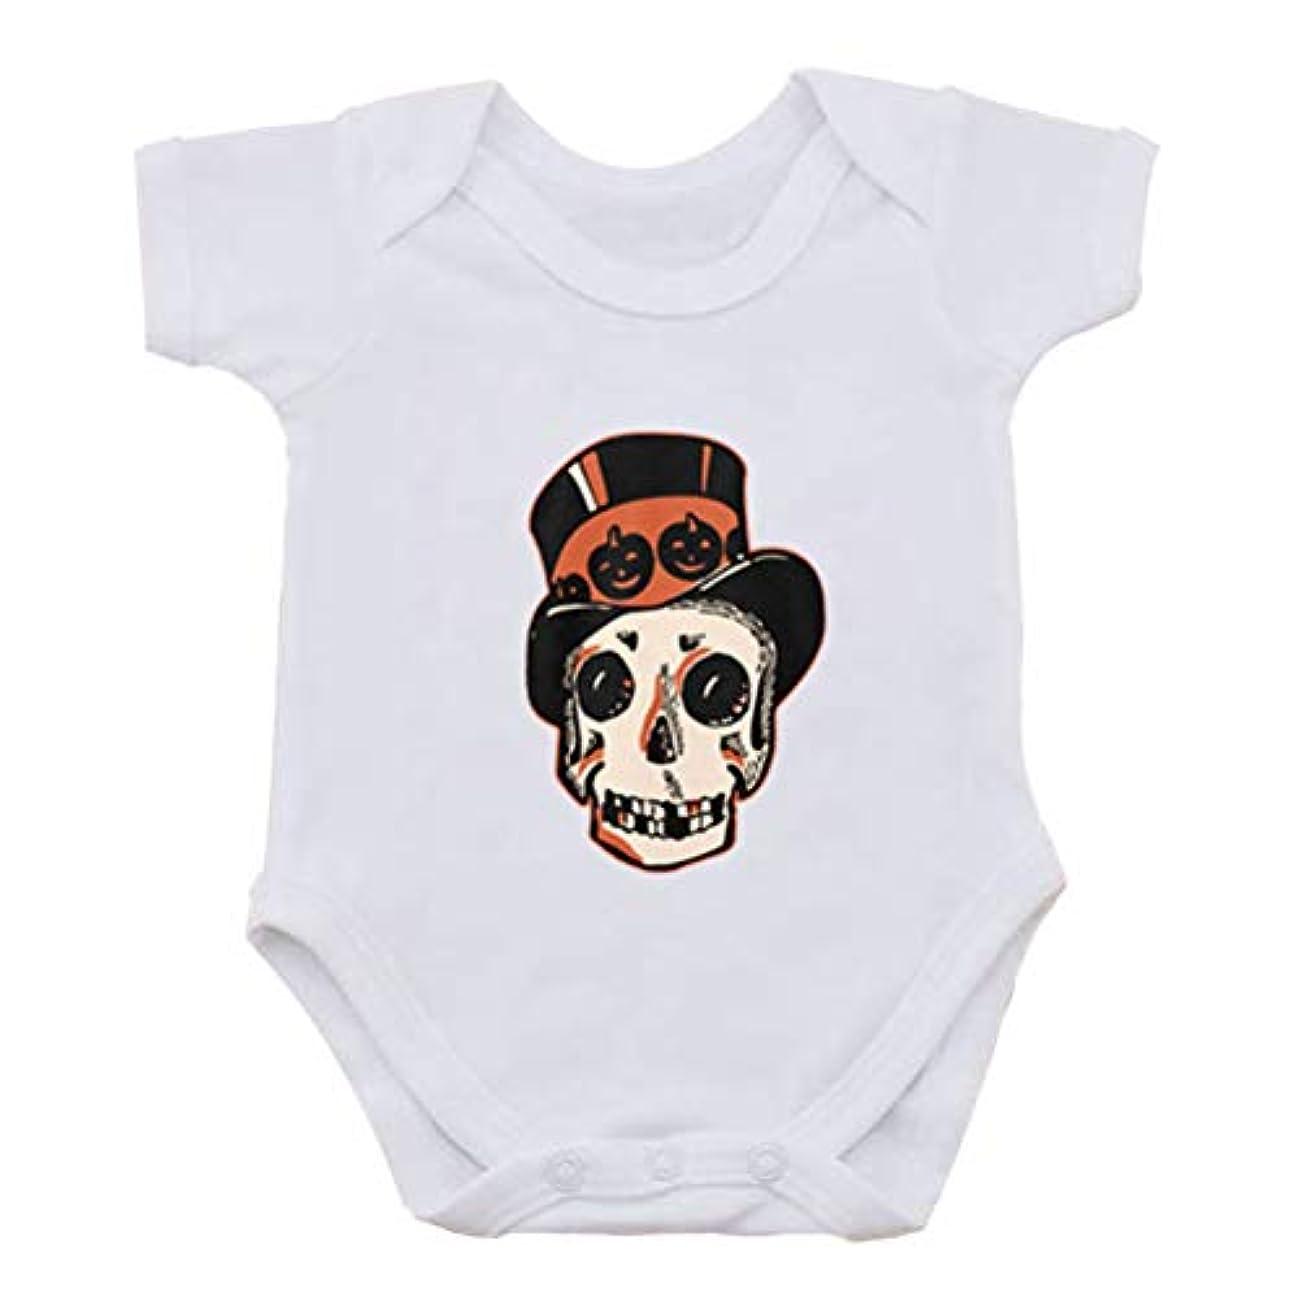 クリーナードリンク予感ベビー服 ハロウィン どくろ頭 プリント 赤ちゃん 半袖 ロンパス カバーオール 乳幼児服 肌着 パジャマ